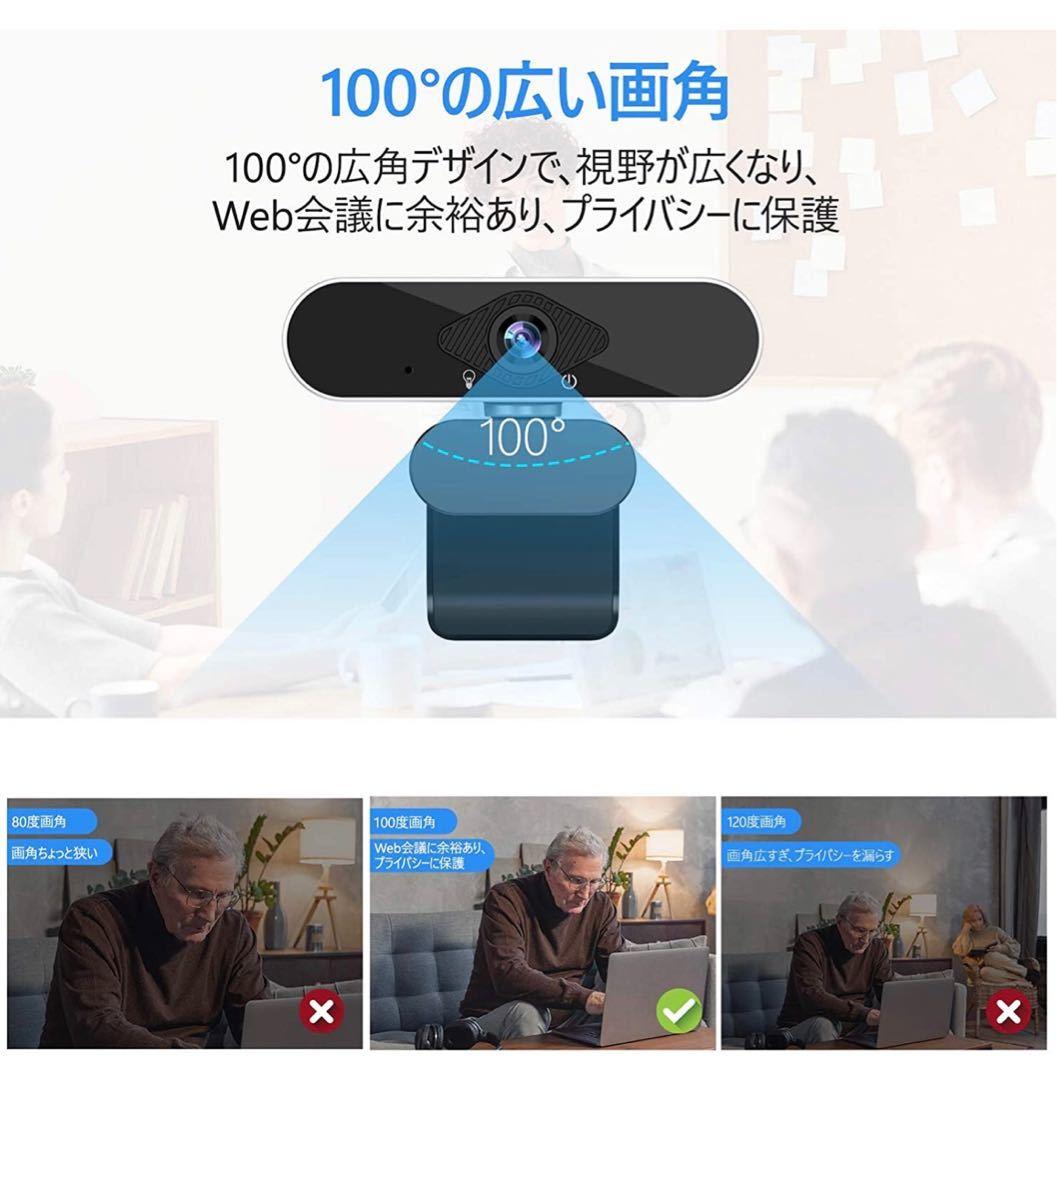 ウェブカメラ フルHD 1080P 高画質 200万画素 webカメラ マイク付